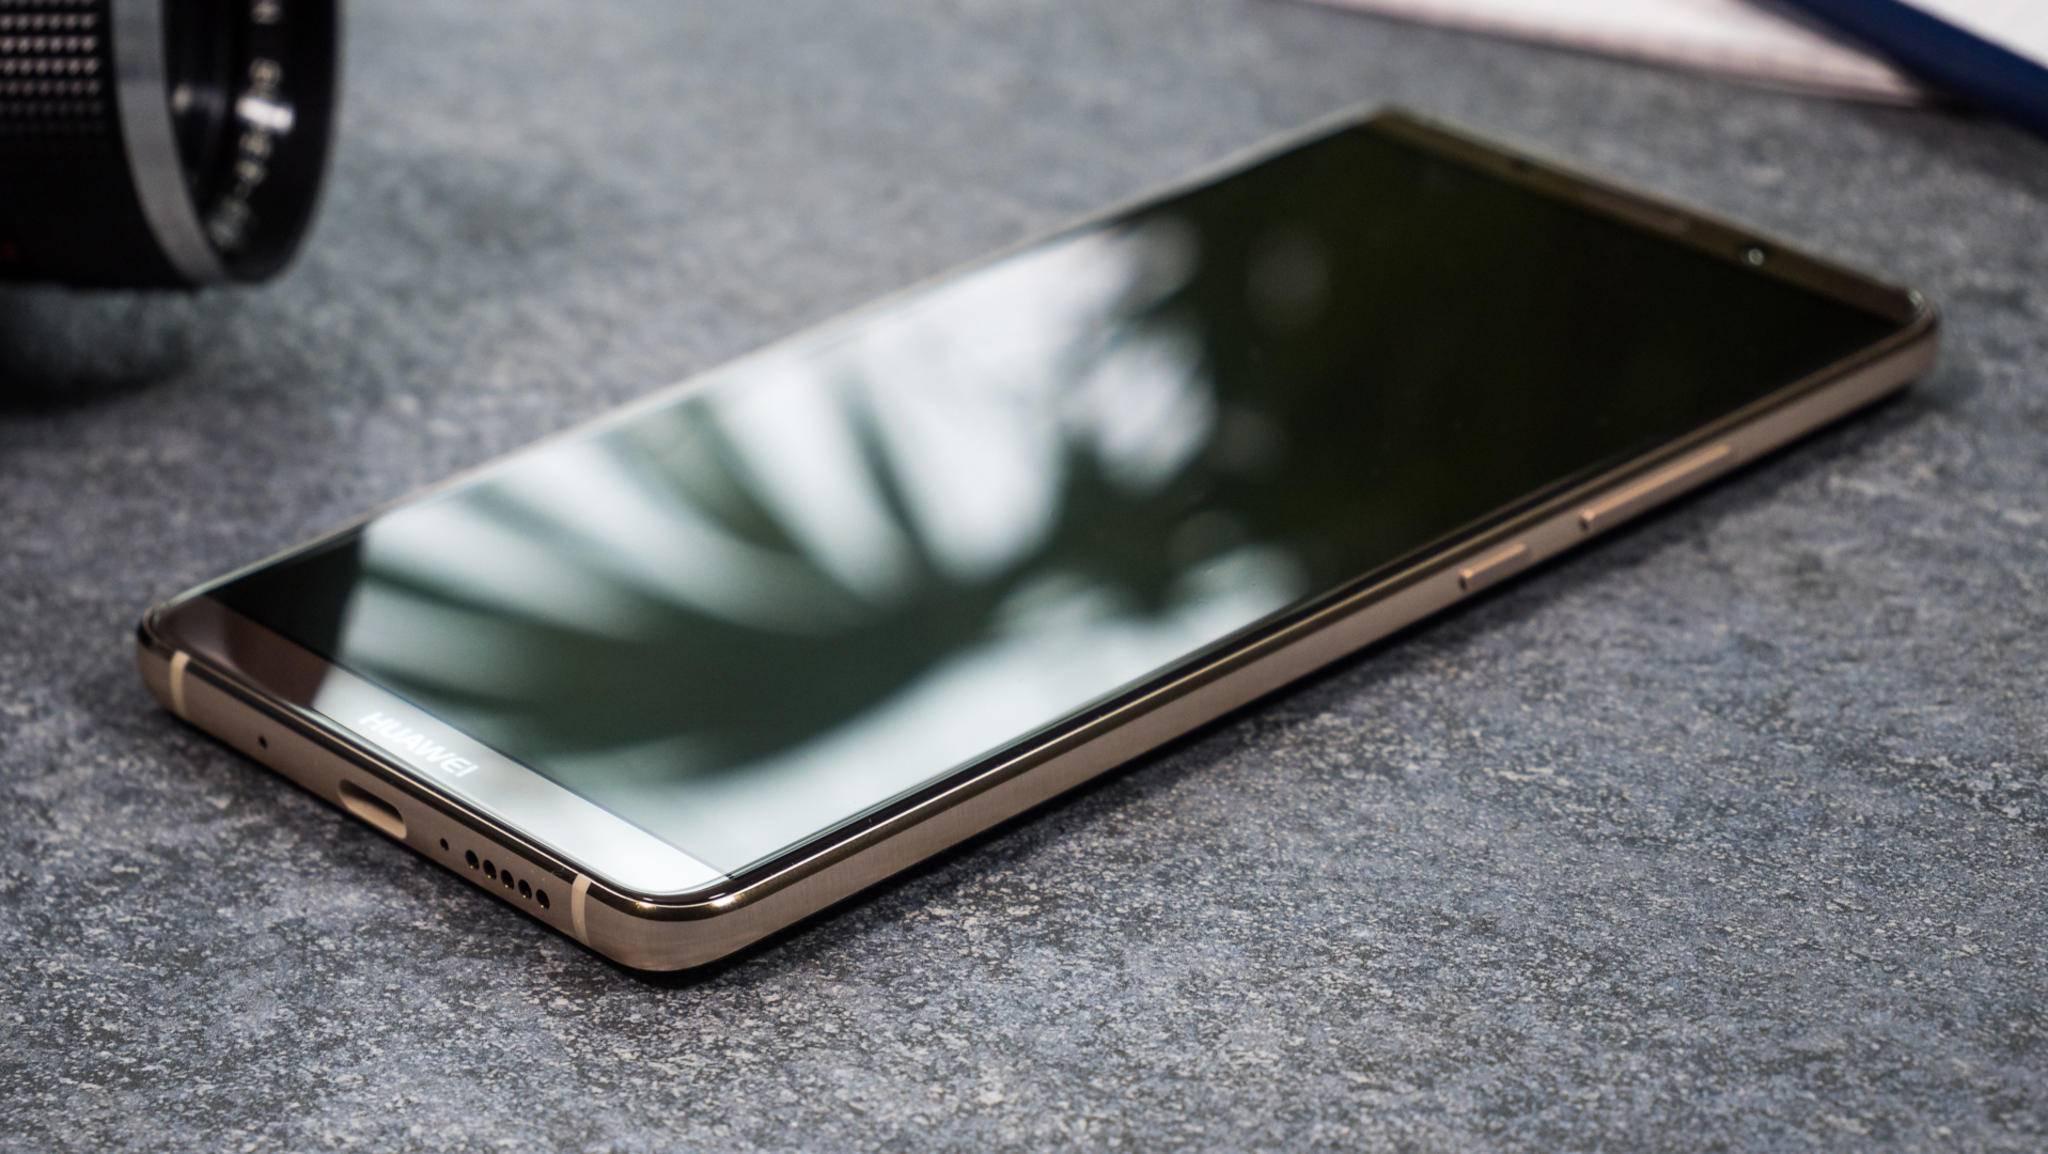 Das Honor V10 wird angeblich eine günstigere Alternative zum Huawei Mate 10 Pro.